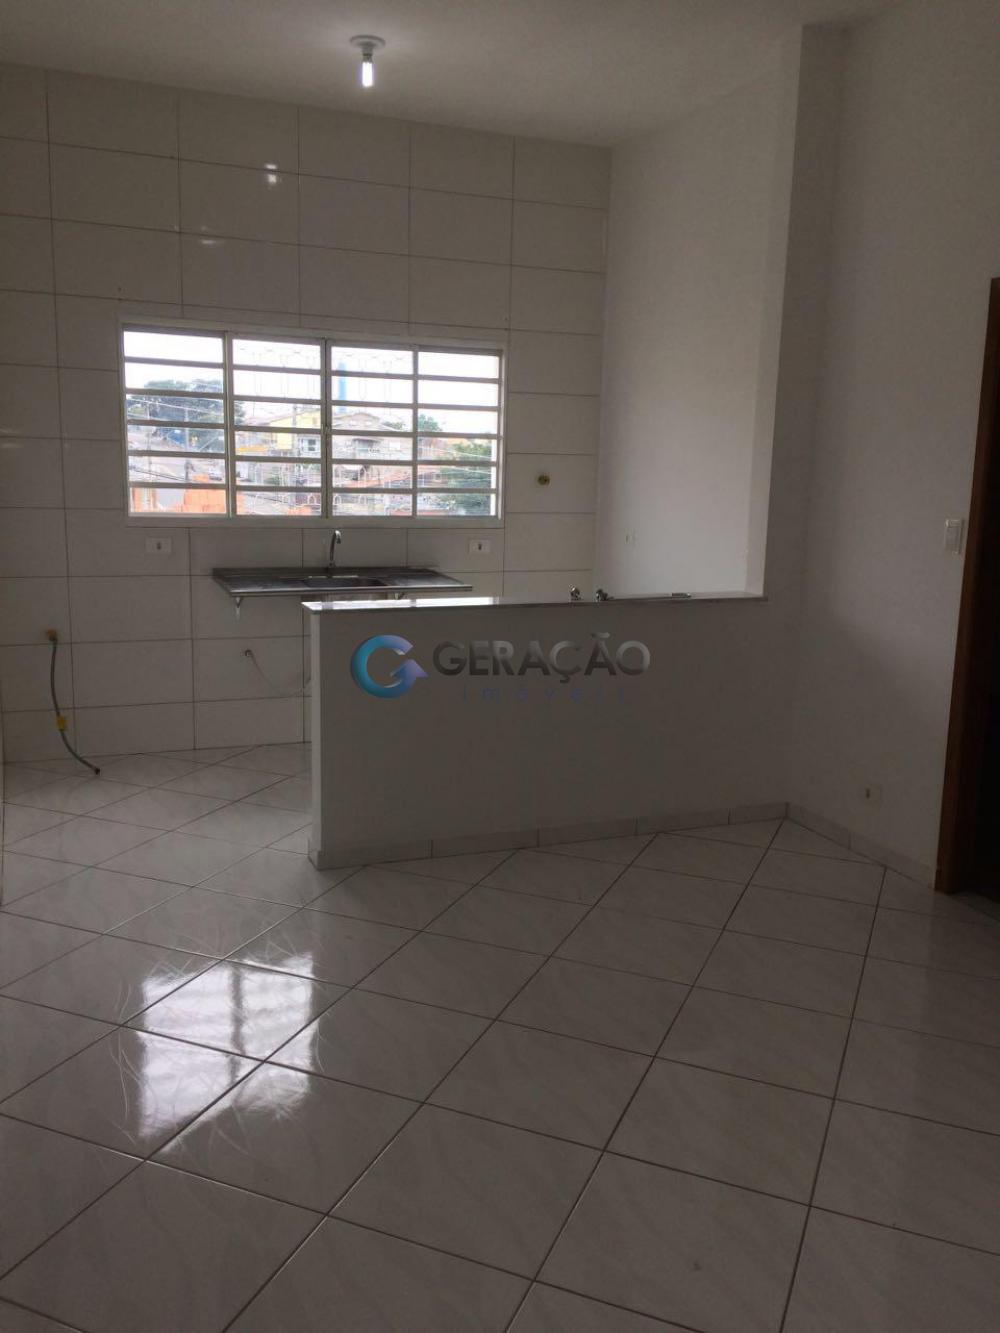 Comprar Comercial / Prédio em São José dos Campos apenas R$ 840.500,00 - Foto 7